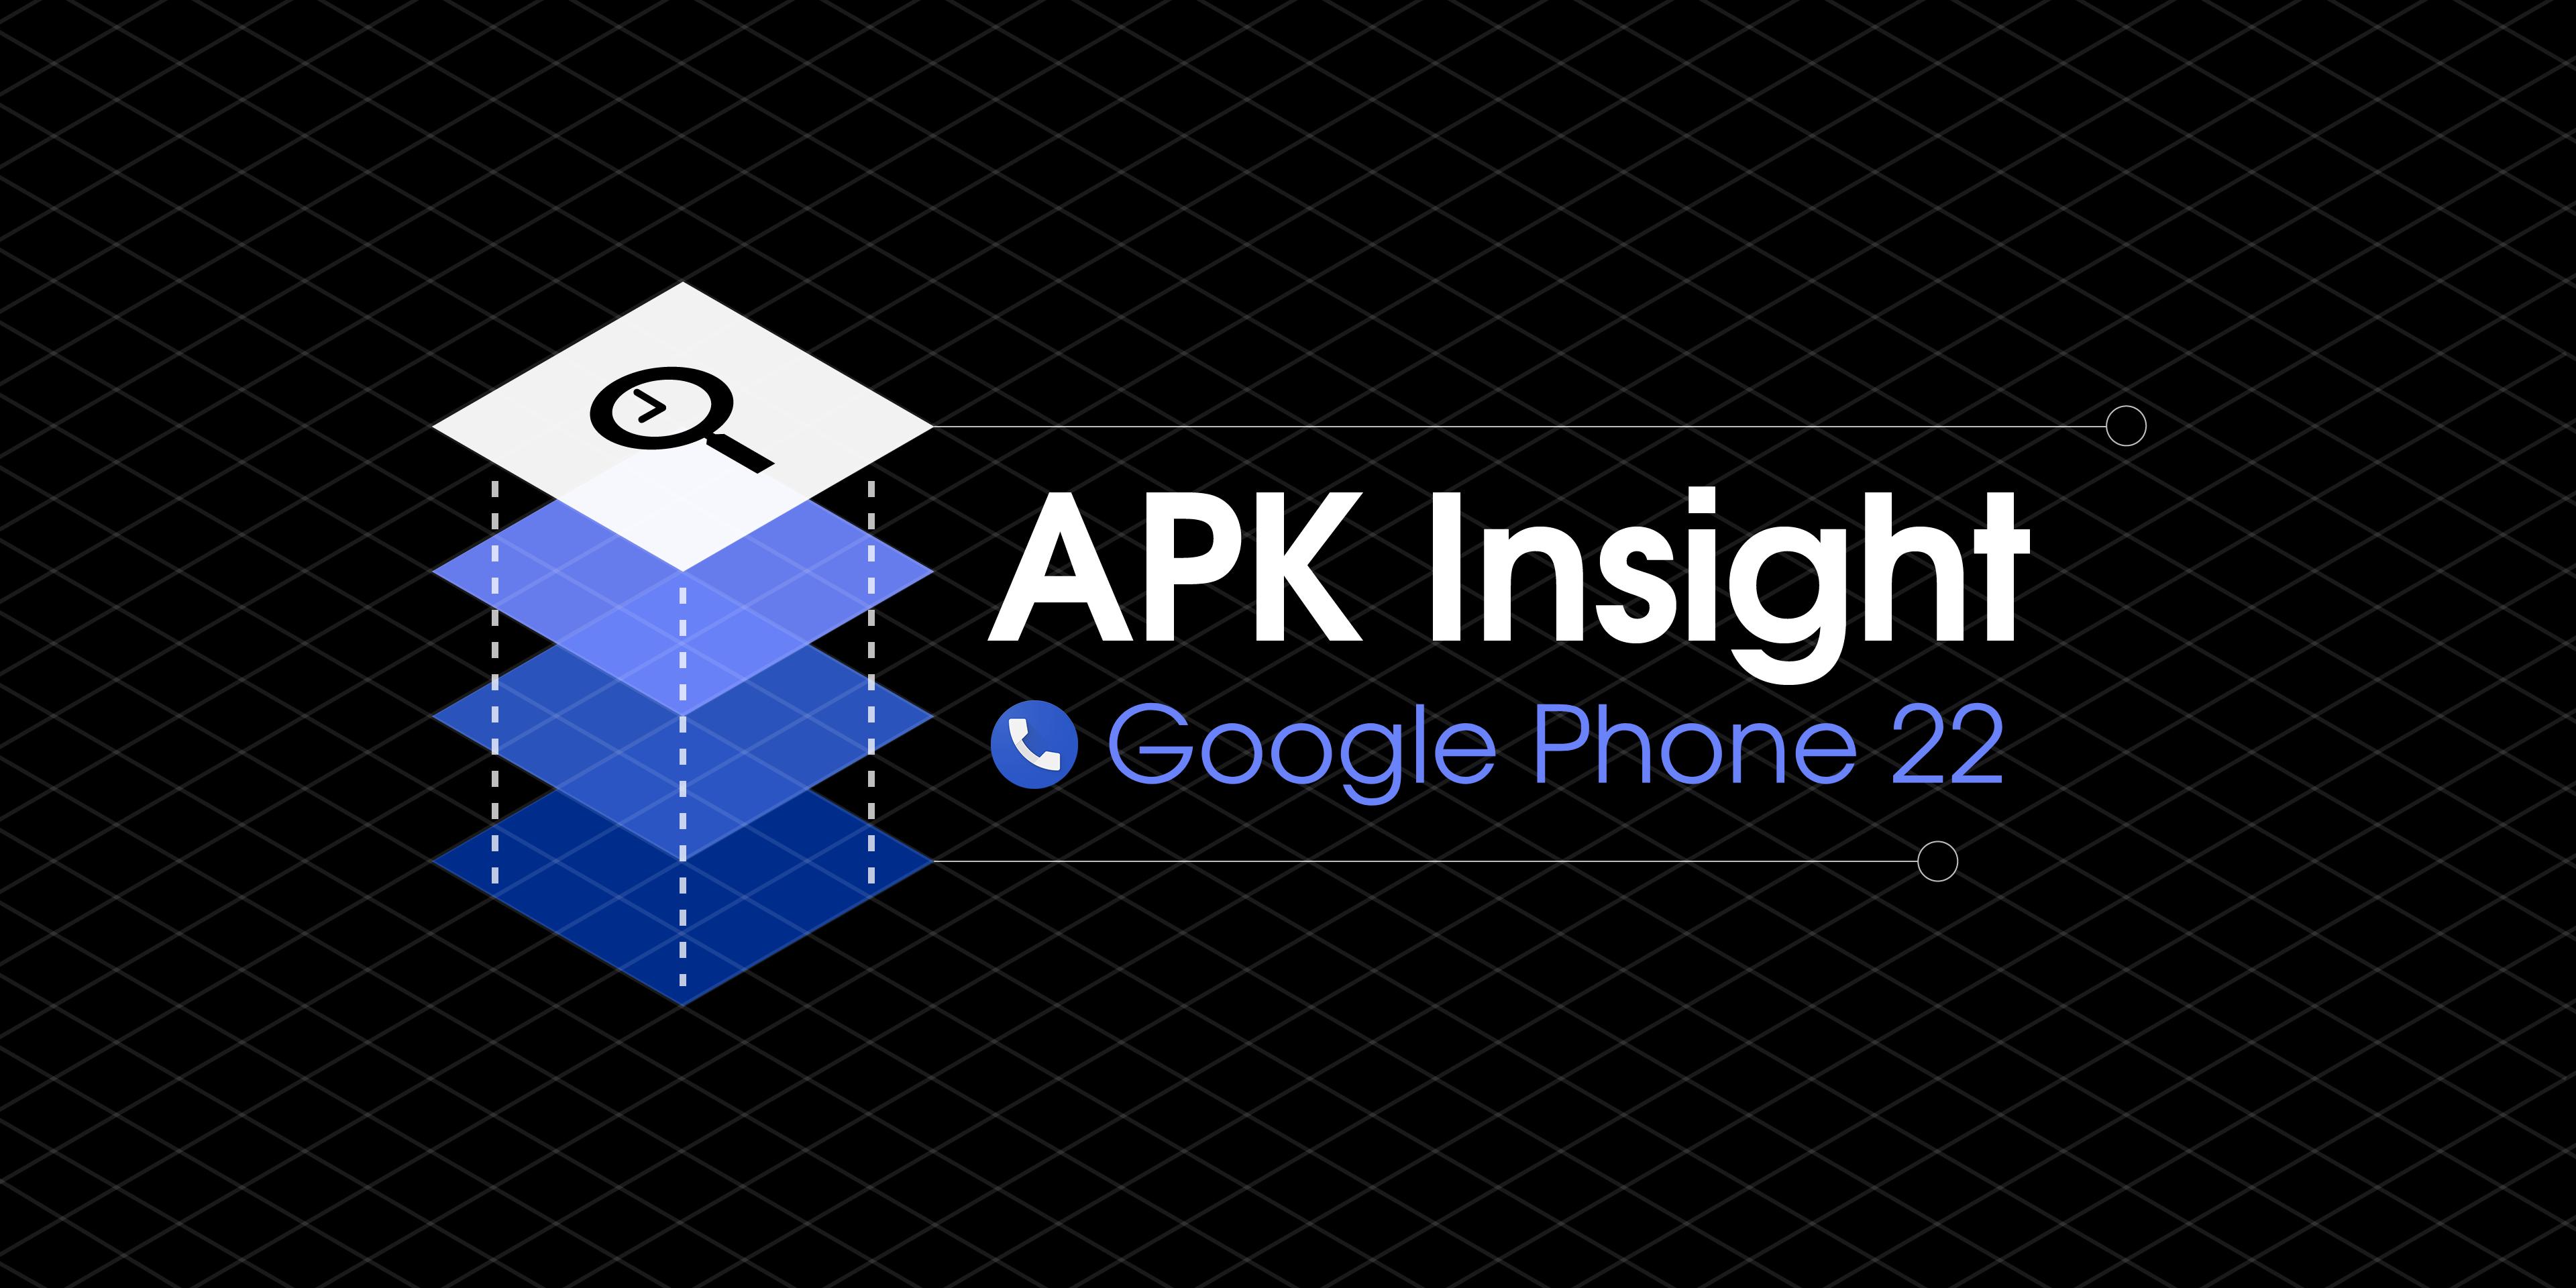 Google Phone 22 bereitet die Echtzeit-Transkriptionsfunktion vor, um unerwünschte Anrufe zu überprüfen [APK Insight]